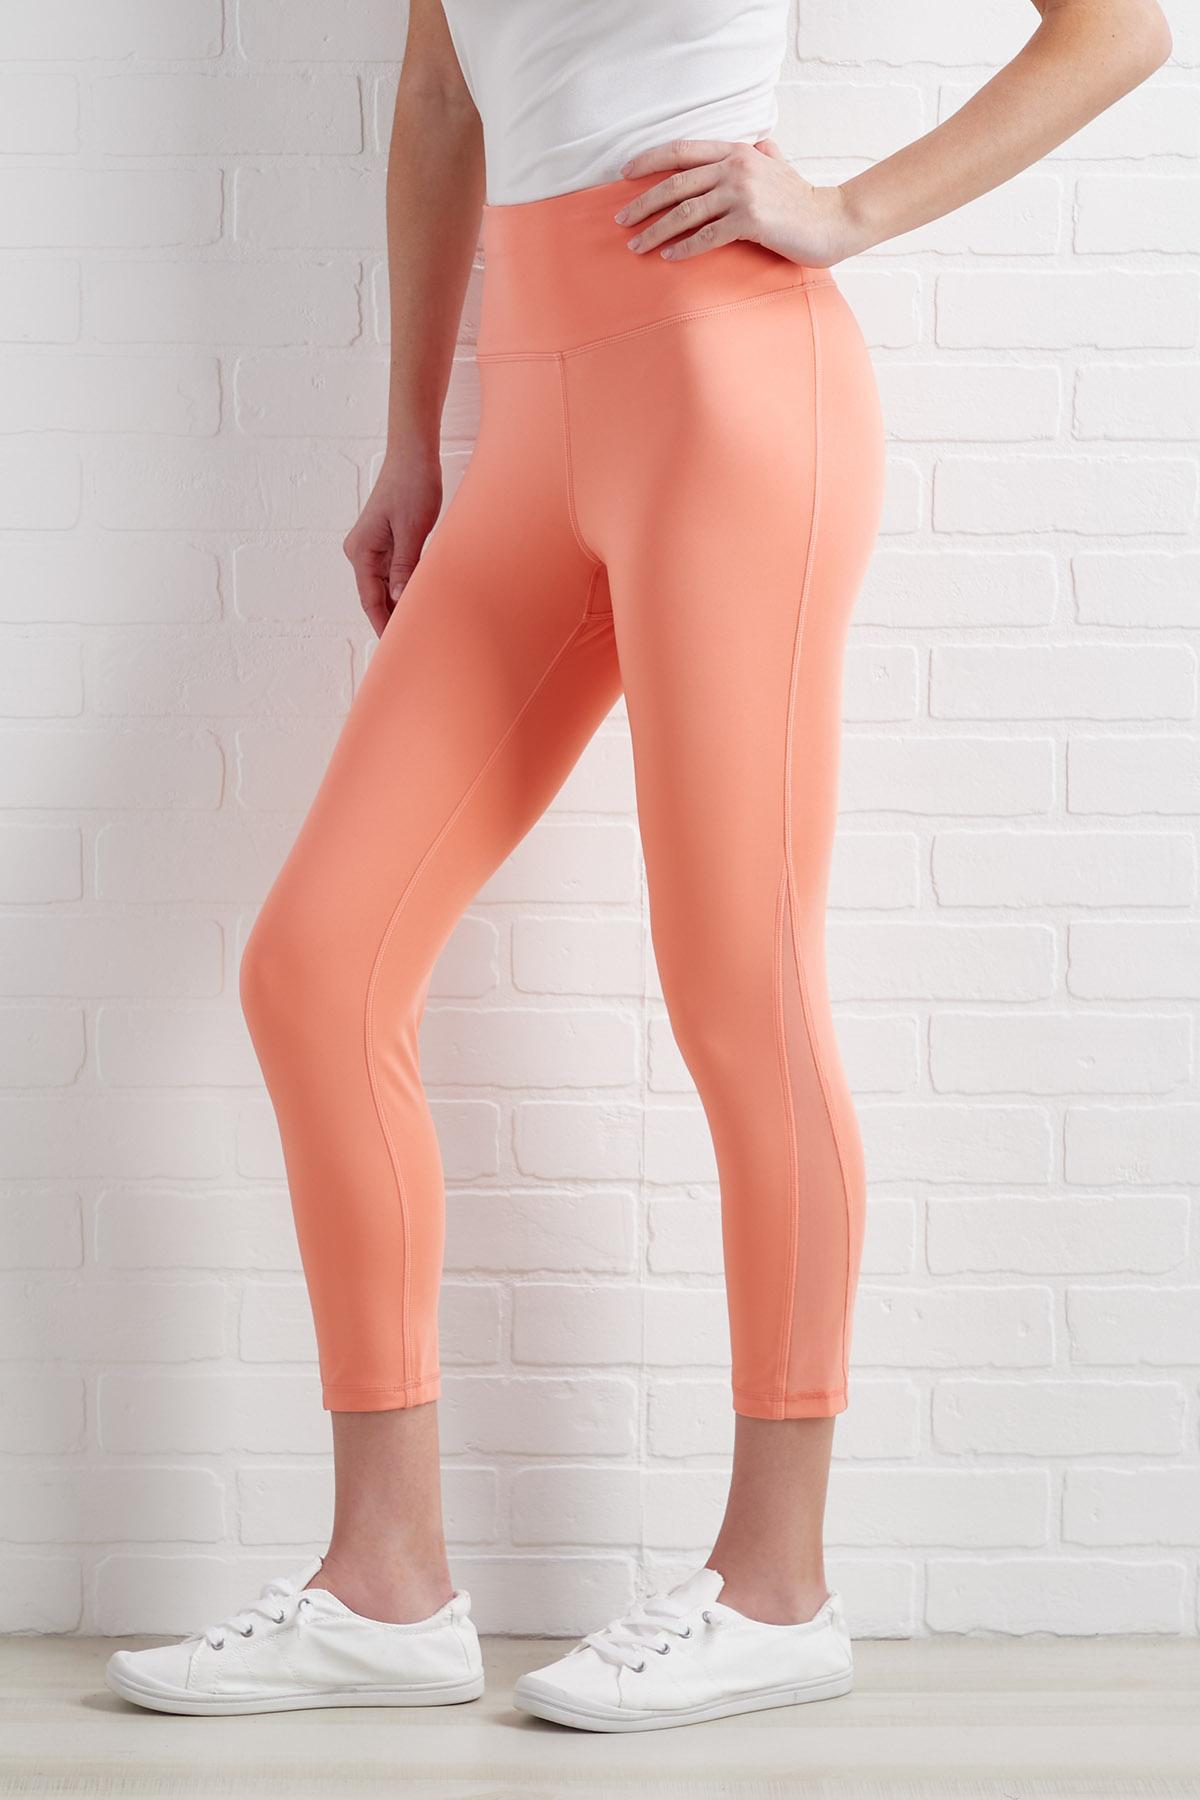 Meshing Together Leggings